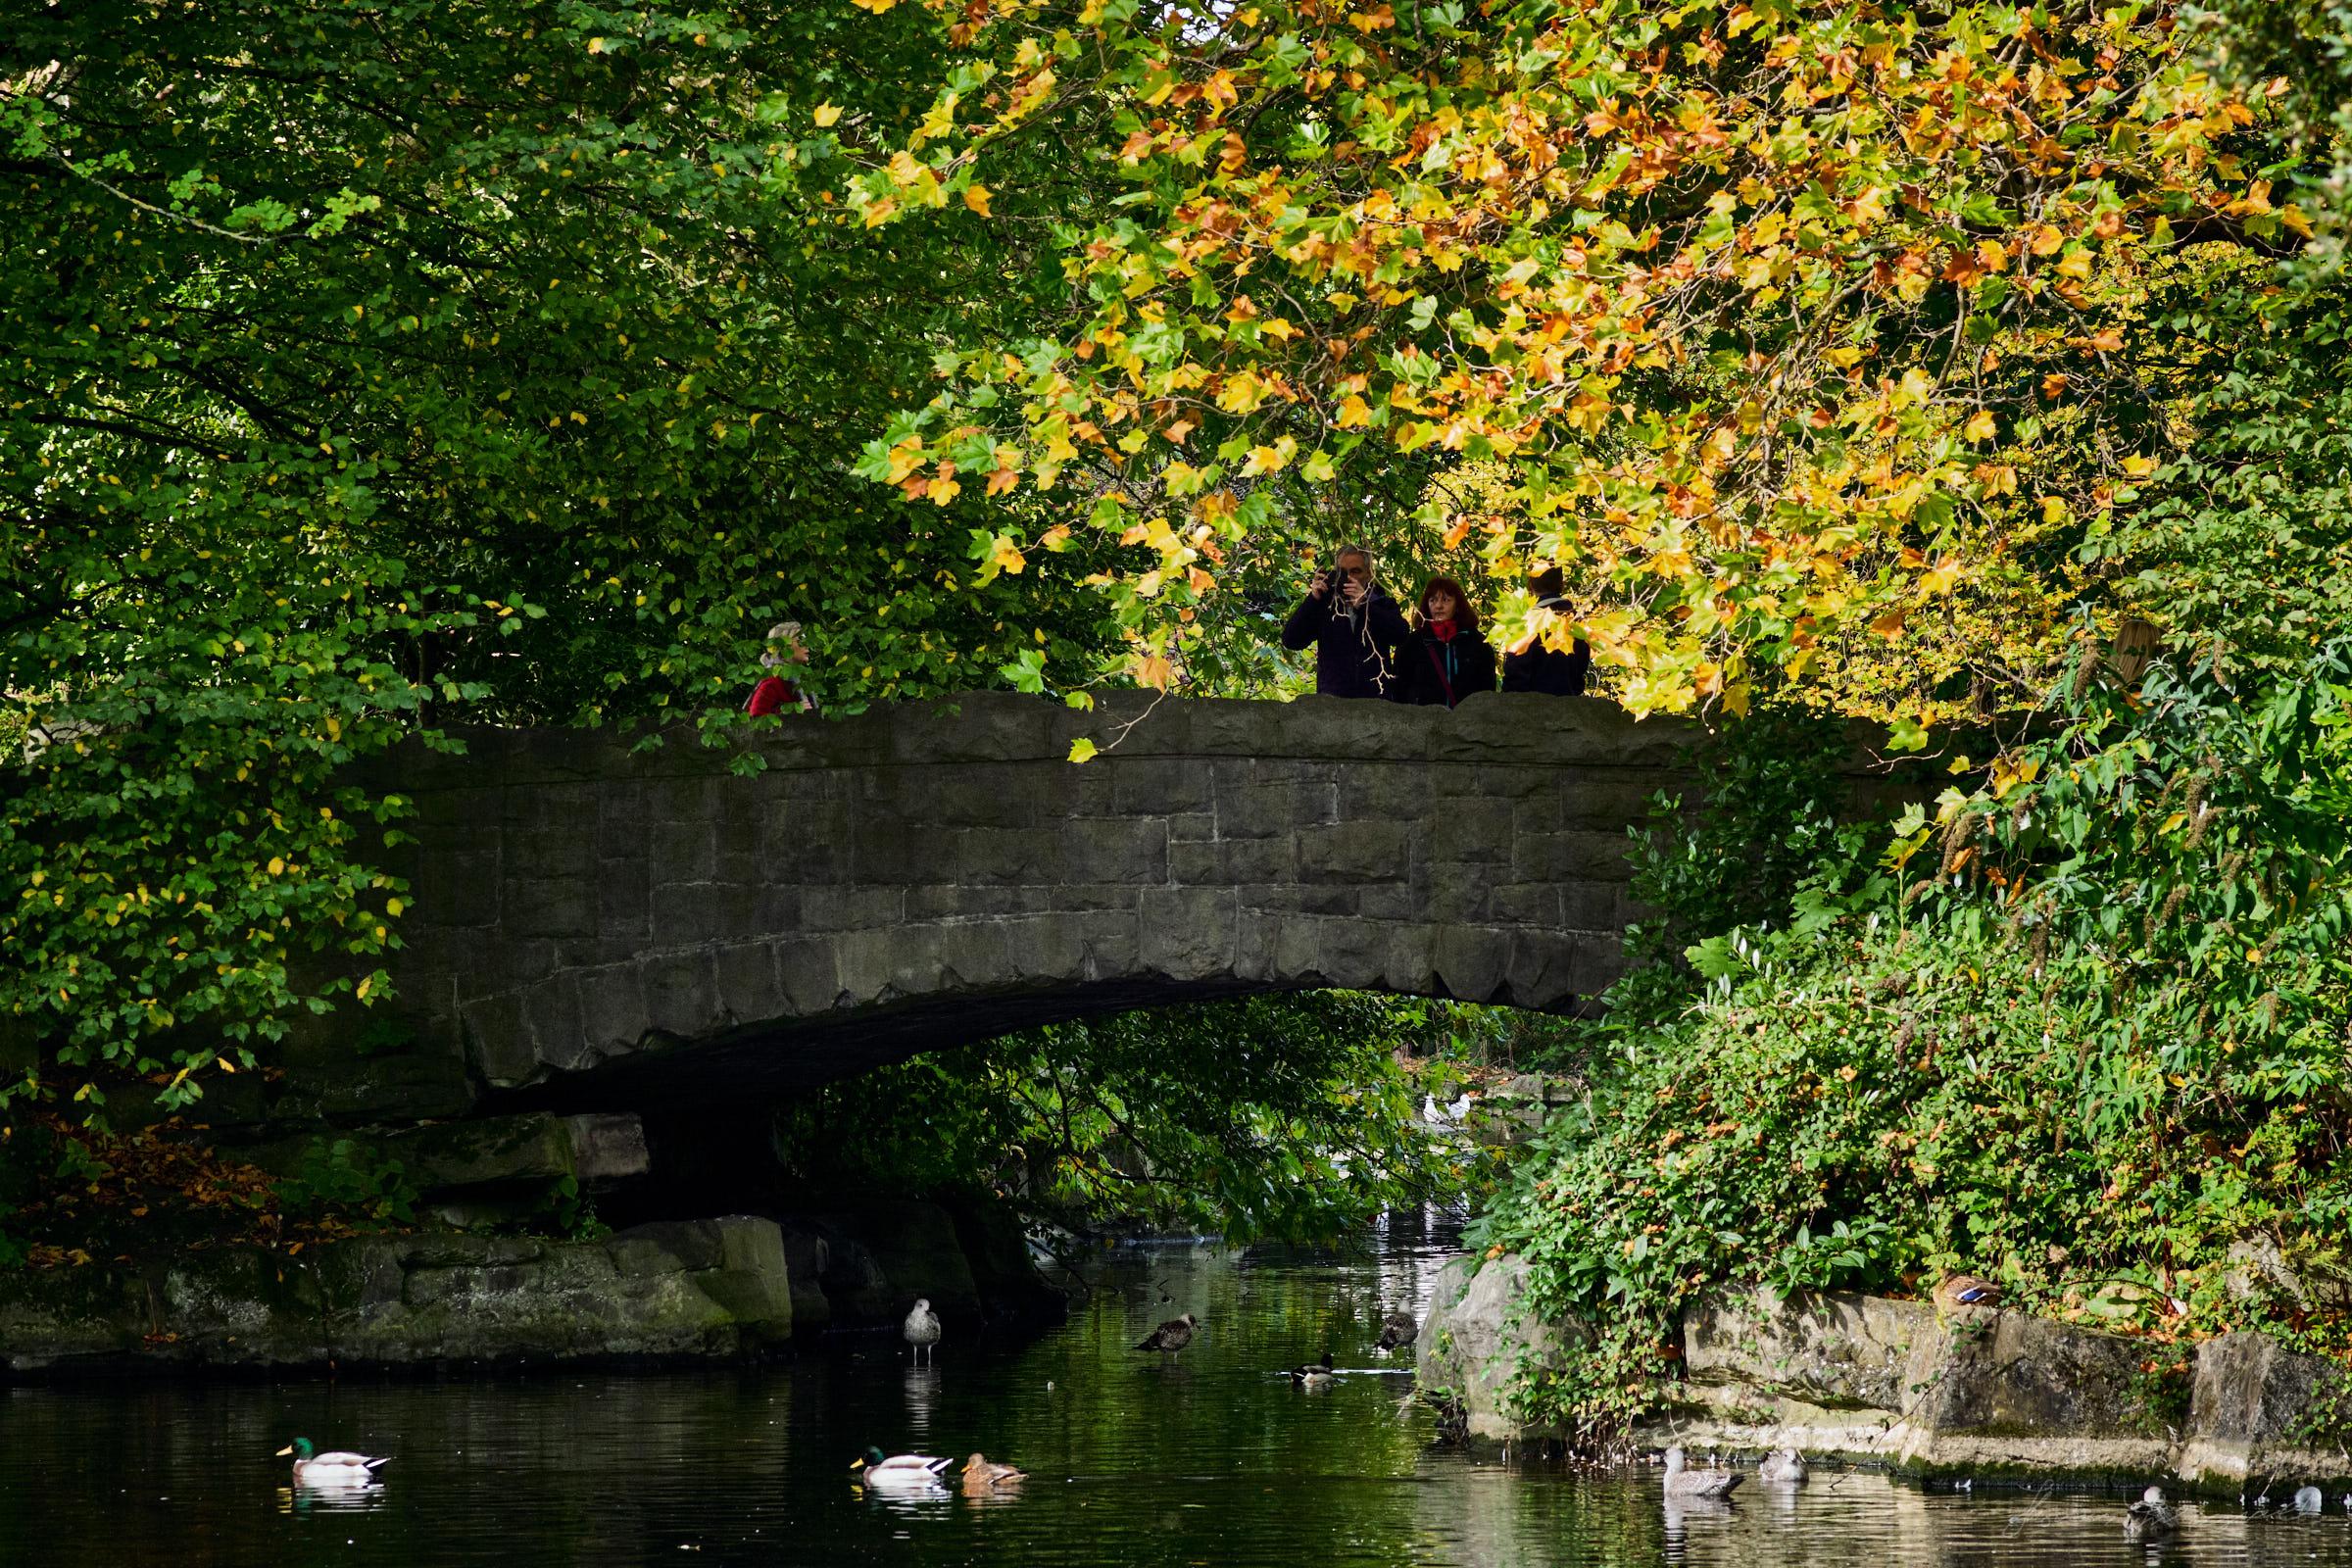 Street-and-park-autumn-407-Jpeg for Web.jpg